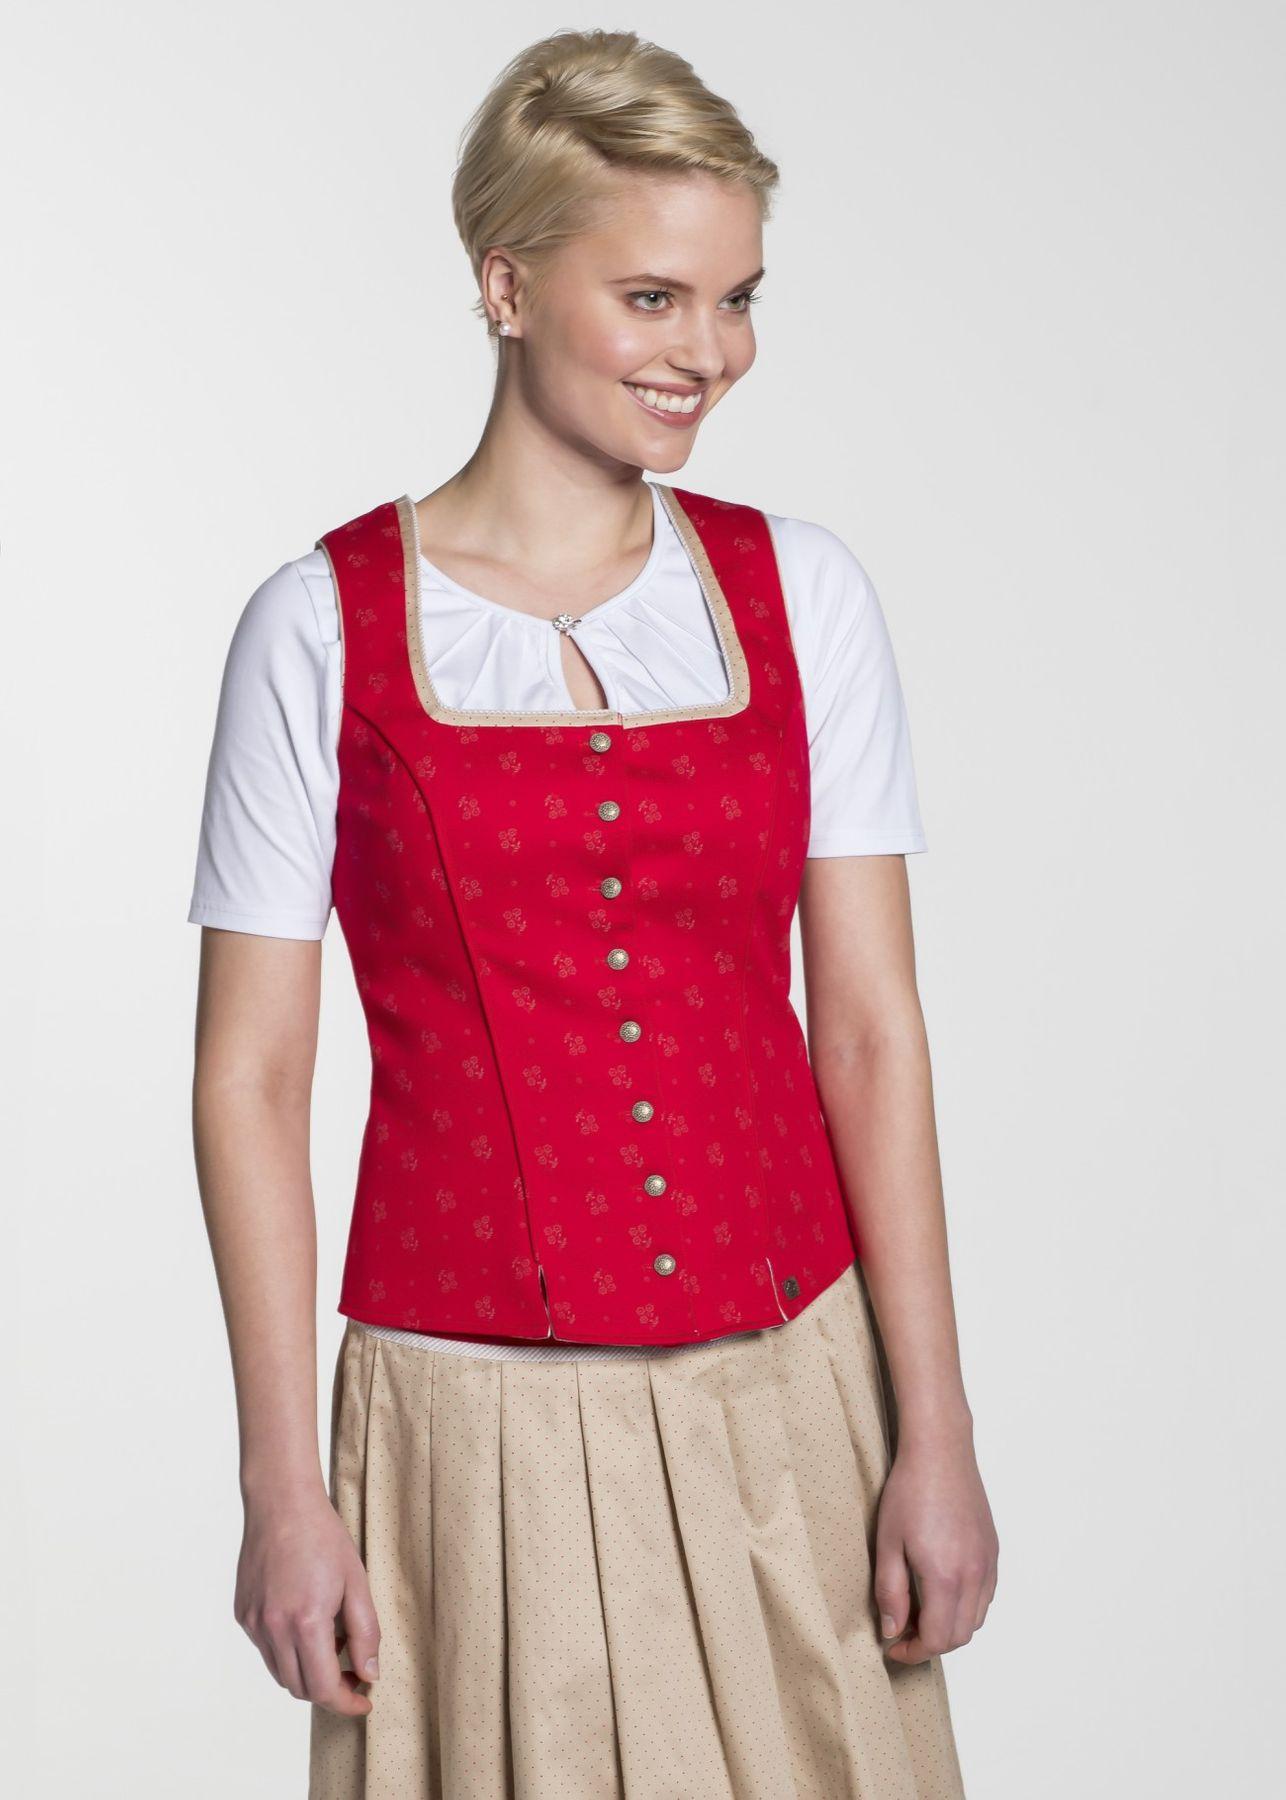 Spieth & Wensky - Trachtenmieder, Gelba-Mieder E  Damen (301330-1012) – Bild 7